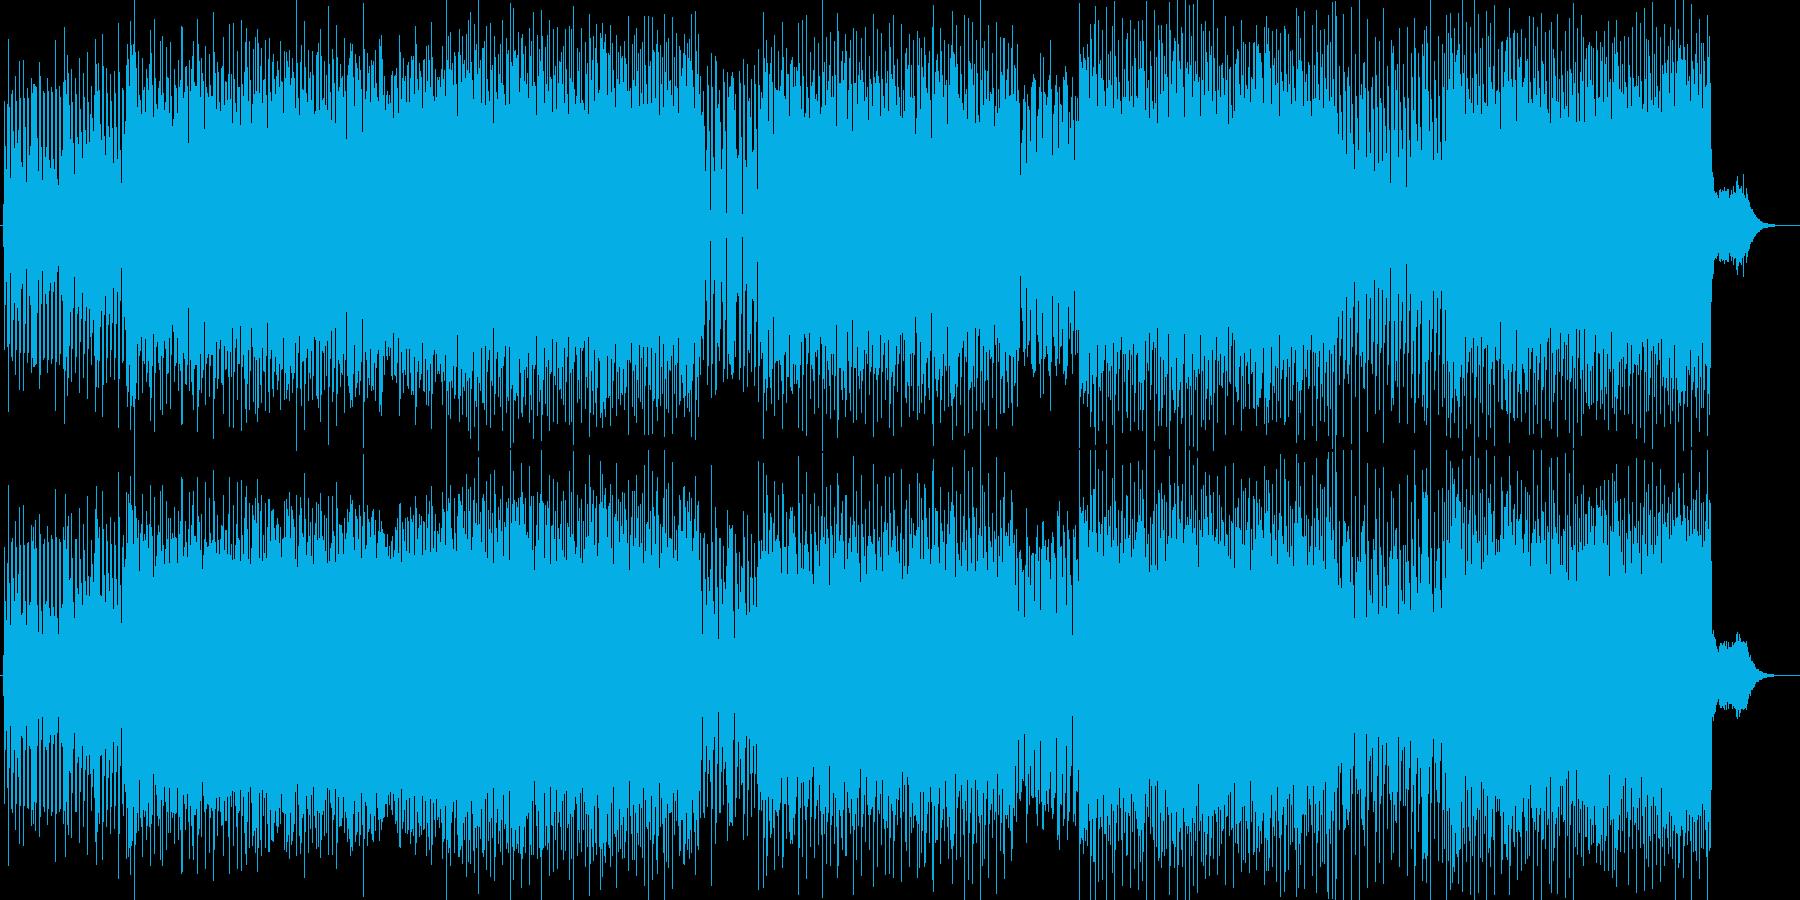 ゲームBGMテクノミックスポップの再生済みの波形